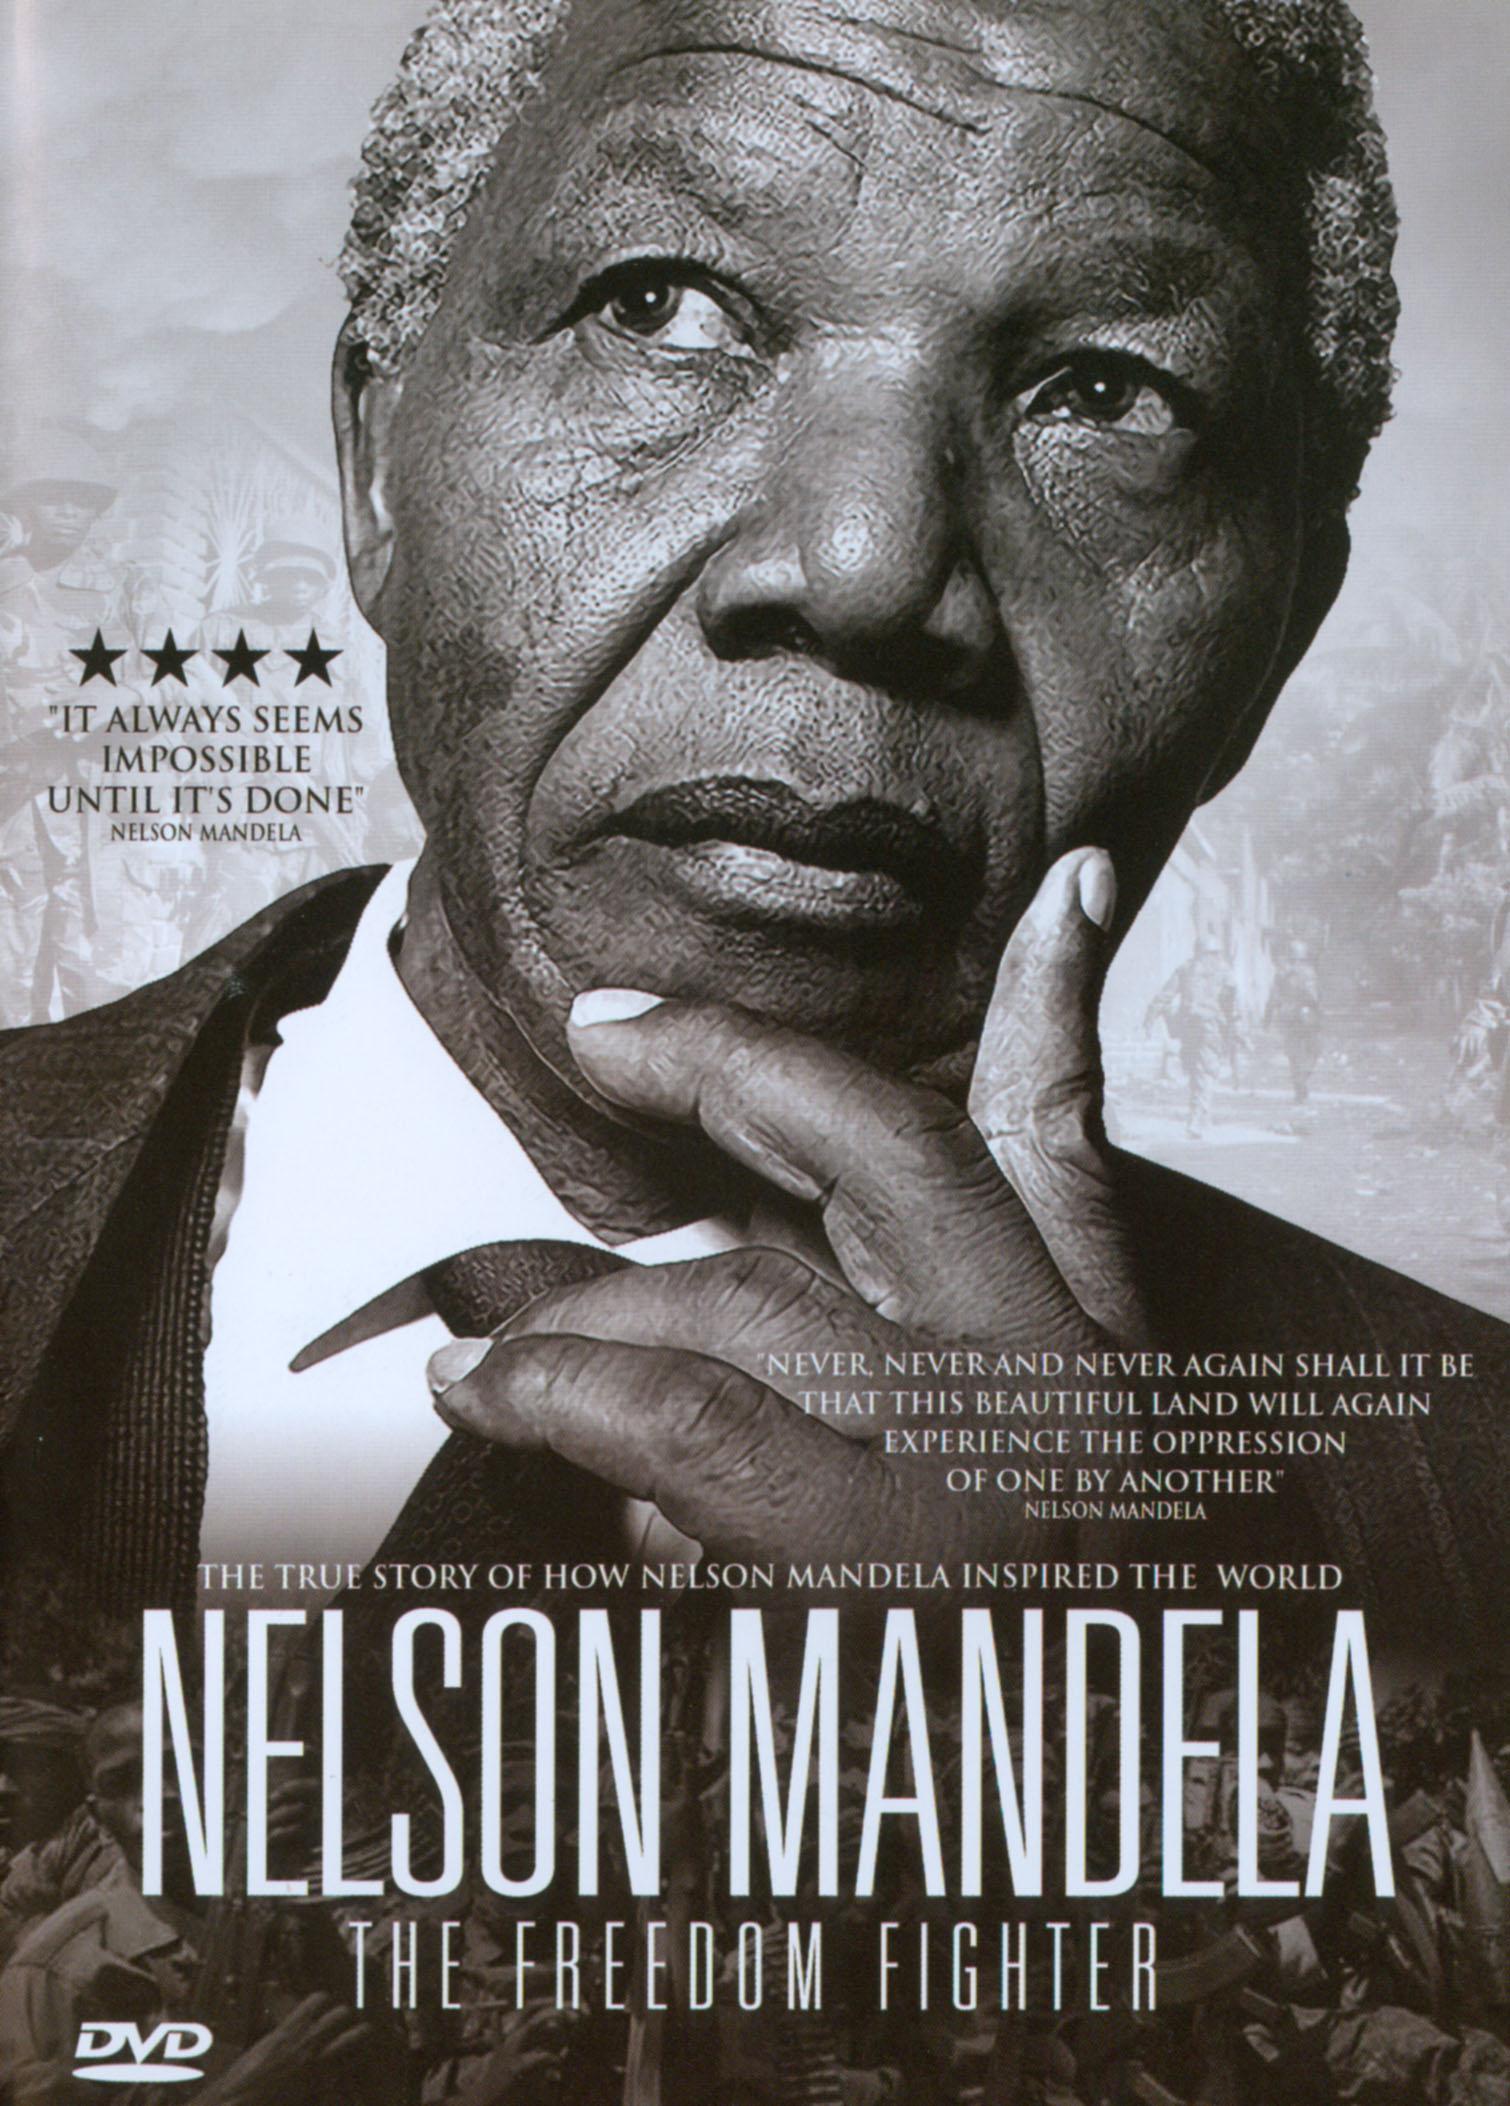 Nelson Mandela: The Freedom Fighter